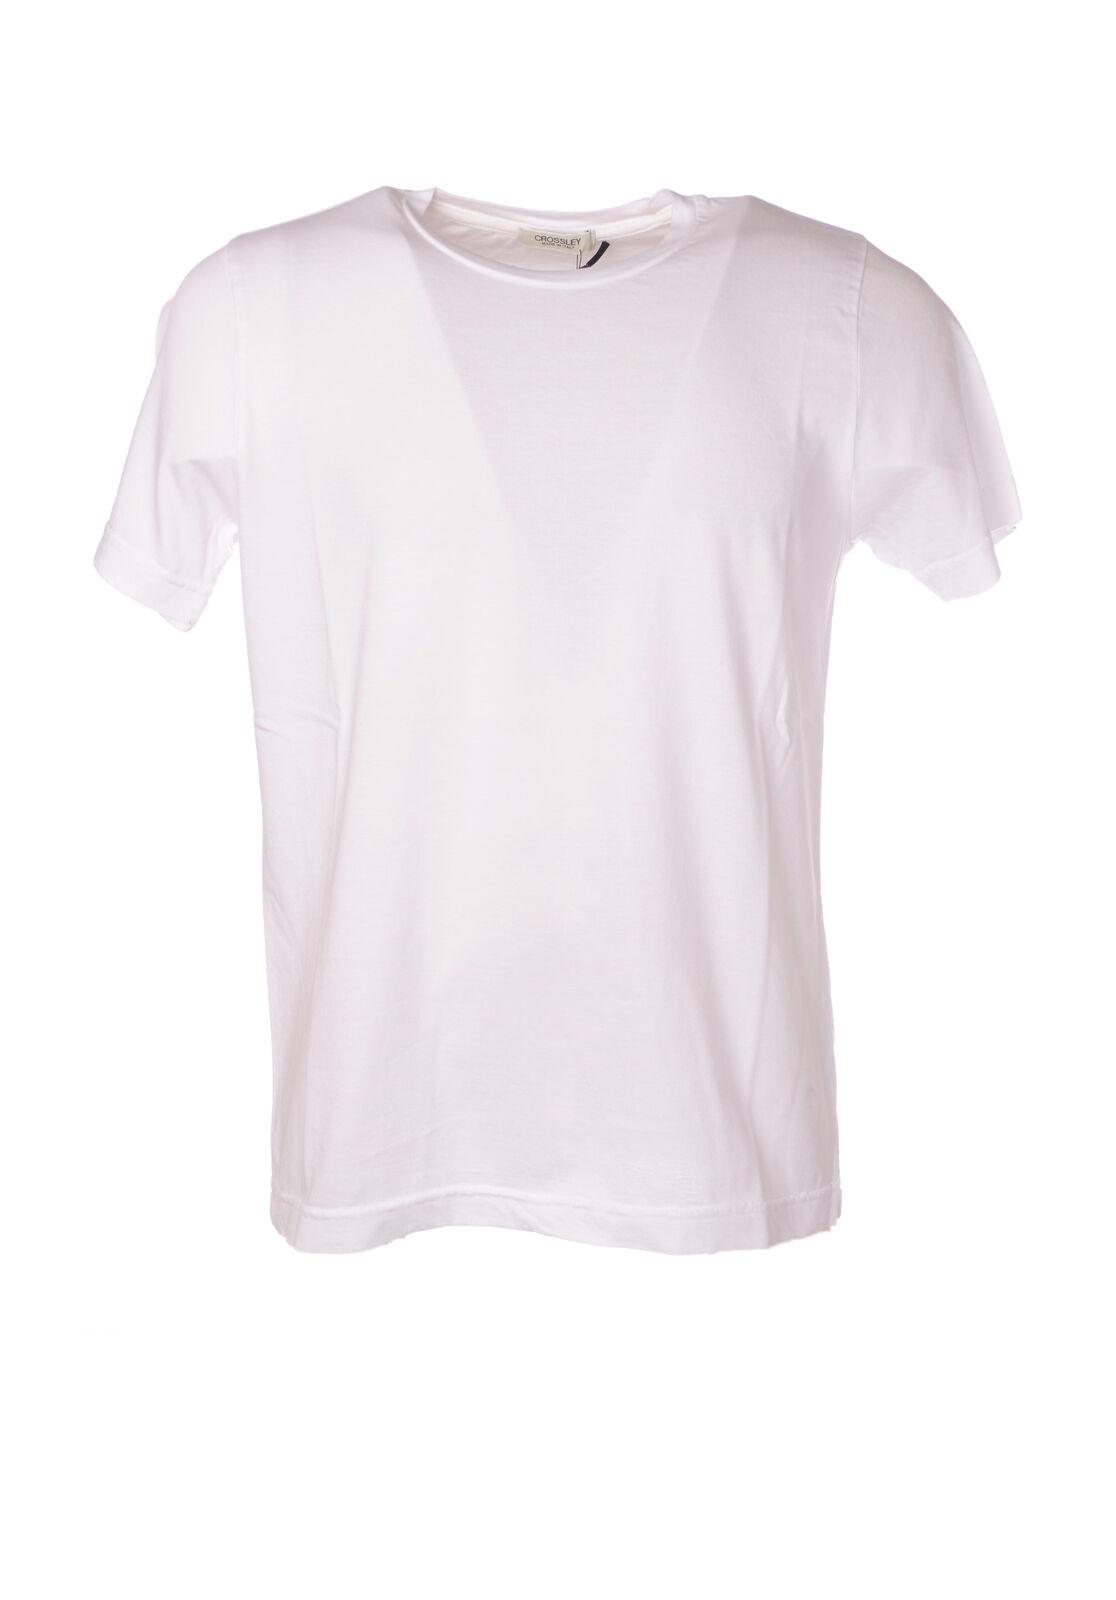 CROSSLEY - Topwear-T-shirts - Man - Weiß - 5056612C184015